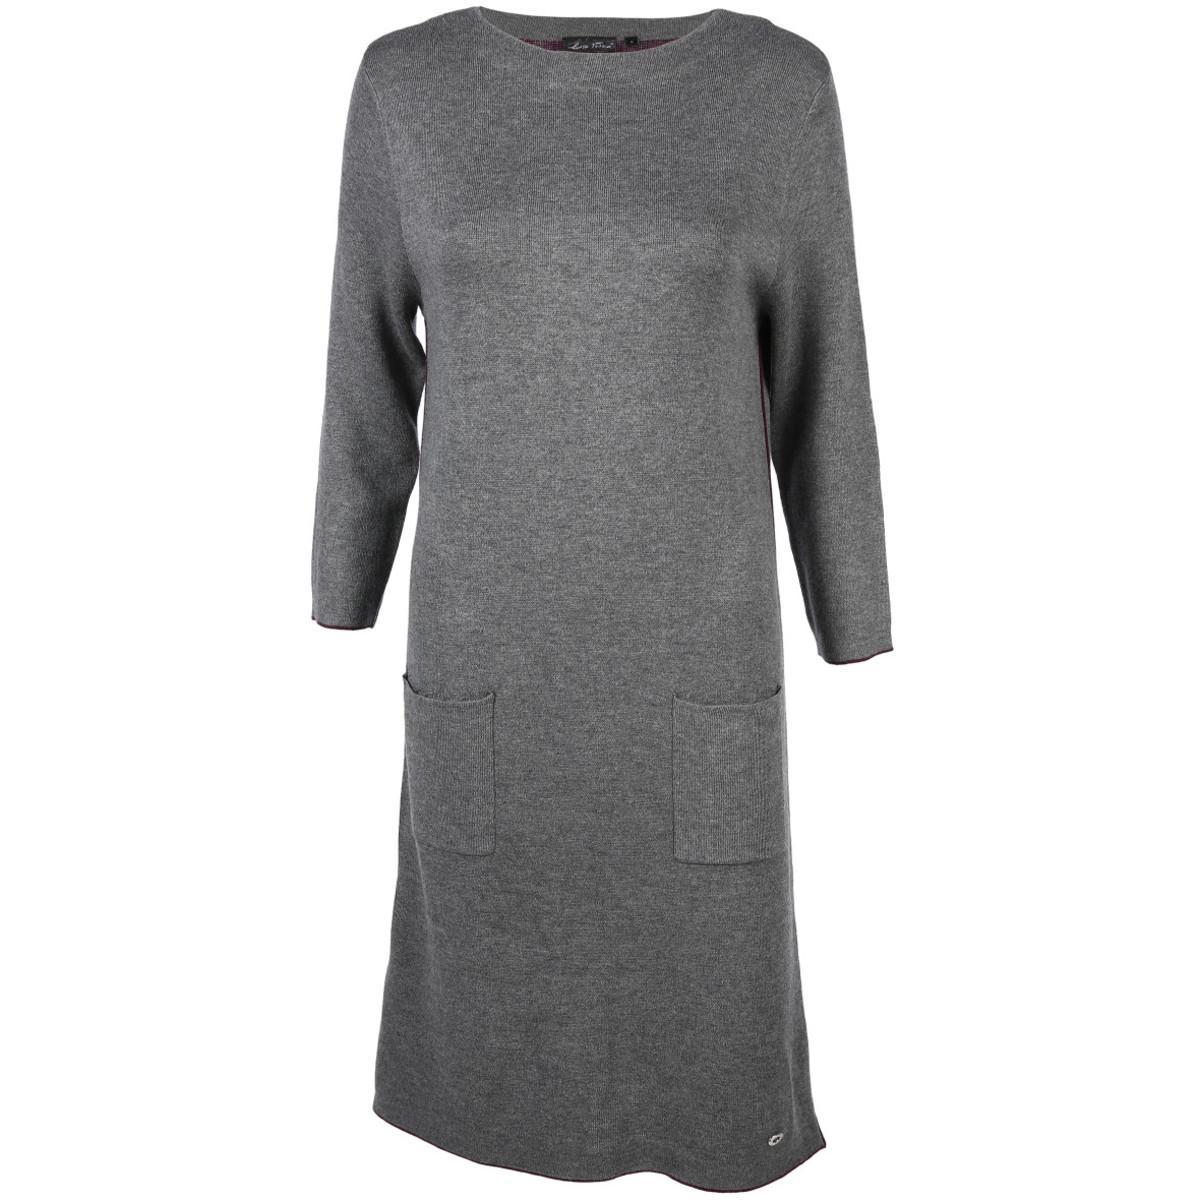 Bild 1 von Damen Kleid mit 3/4 Ärmeln